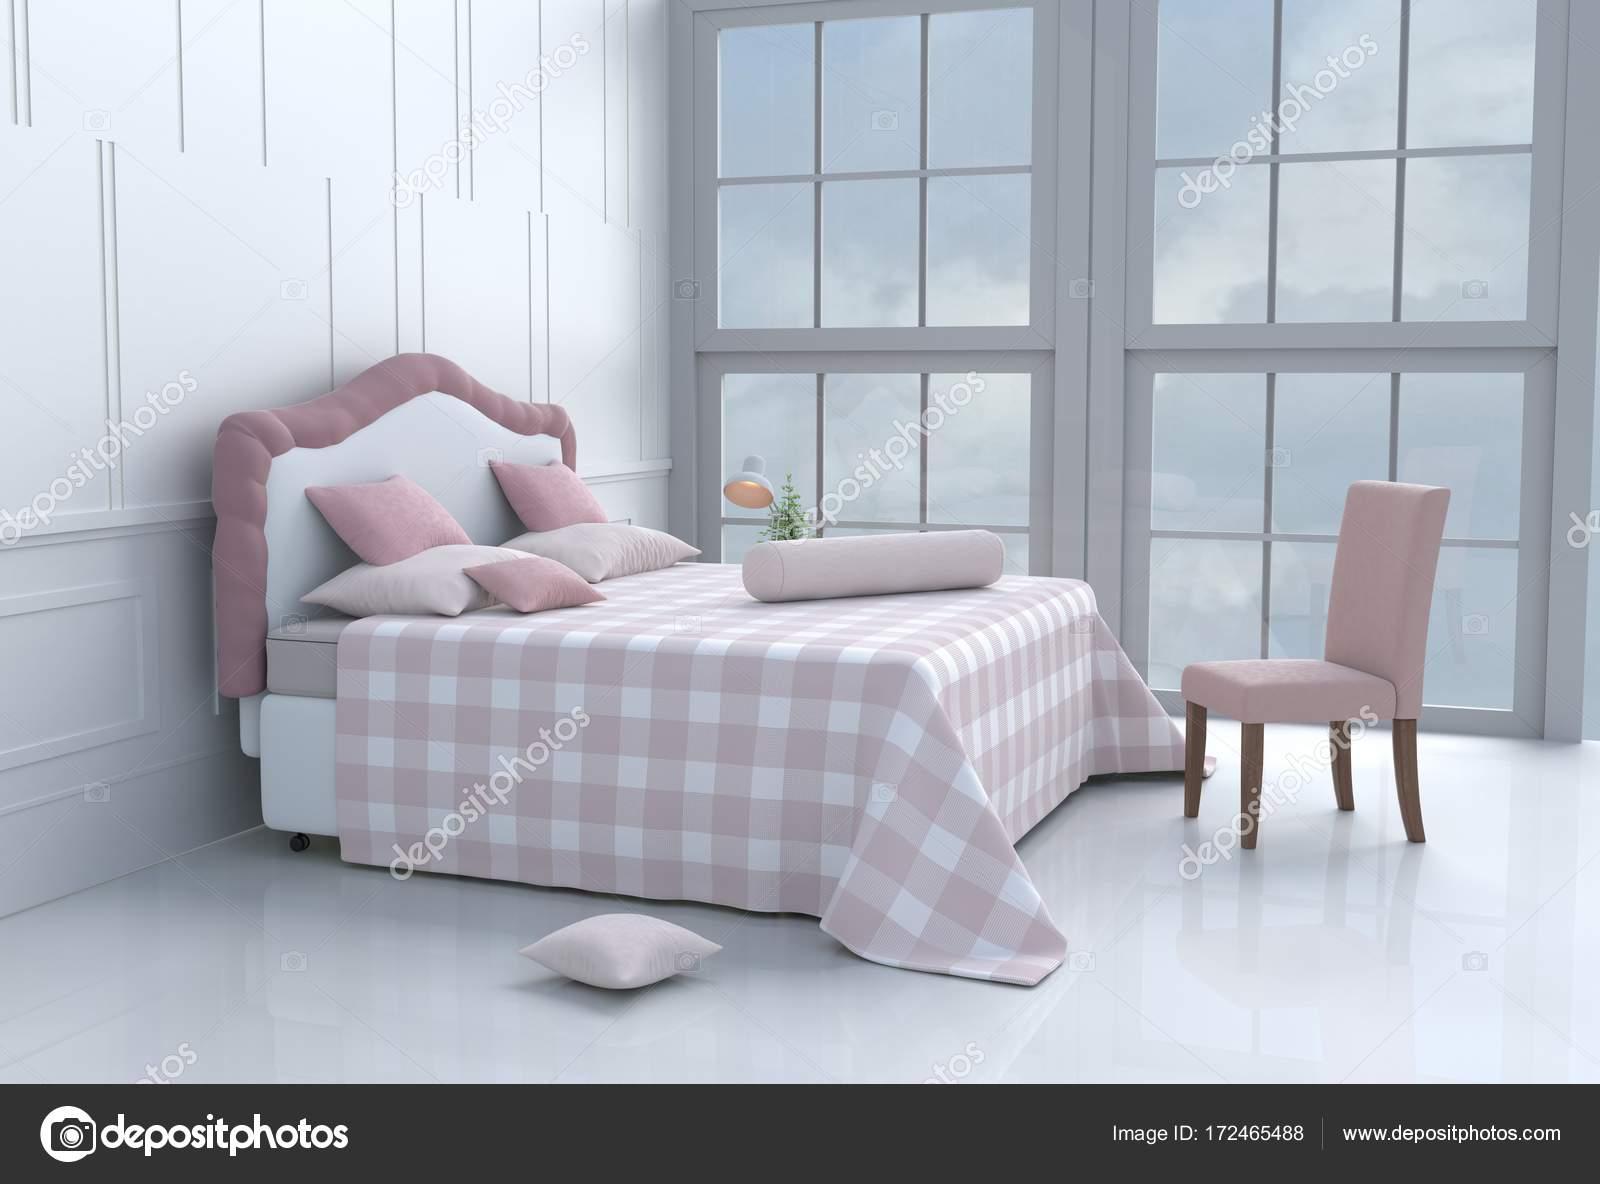 Lit blanc chambre décorée avec arbre dans vase en verre, oreillers ...